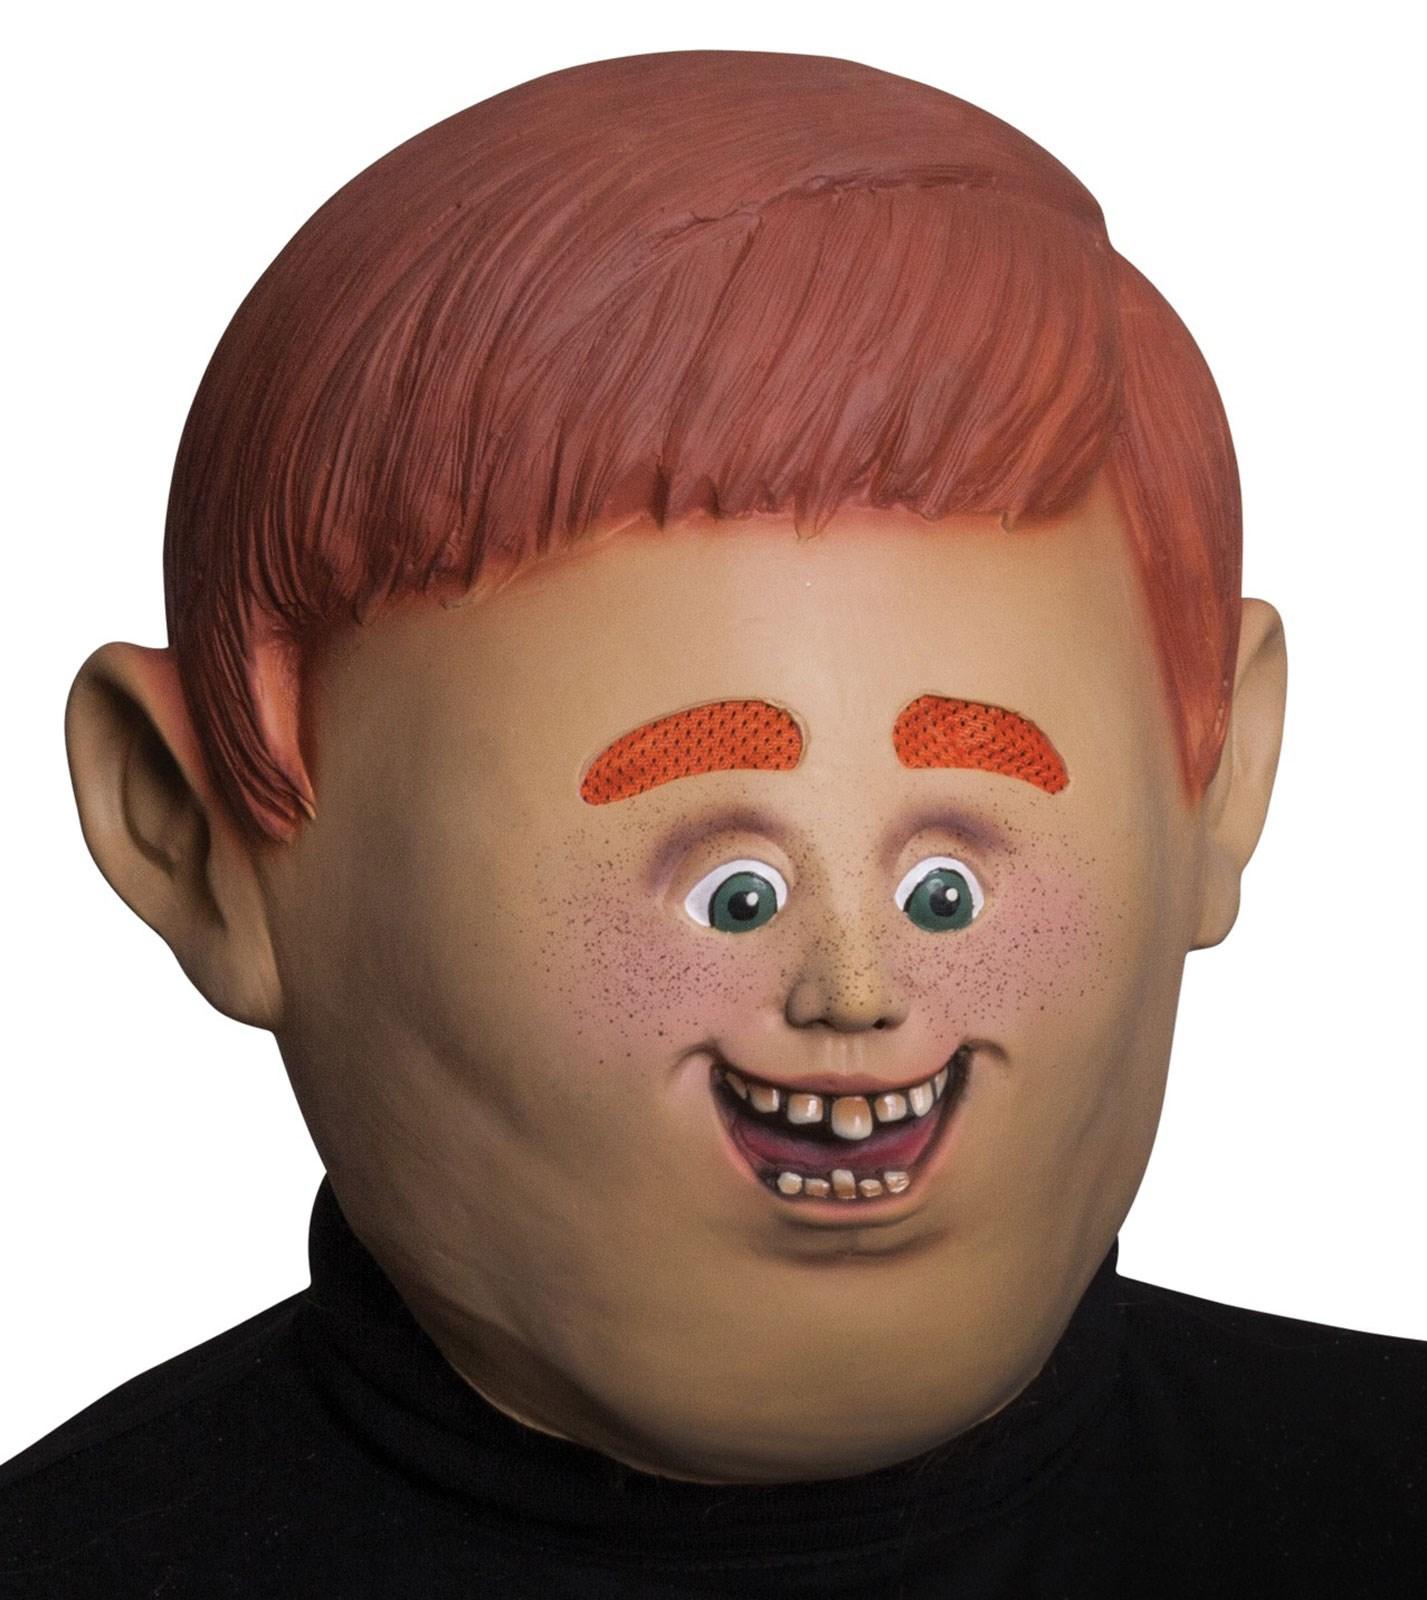 Spooky Tiny Face Mask